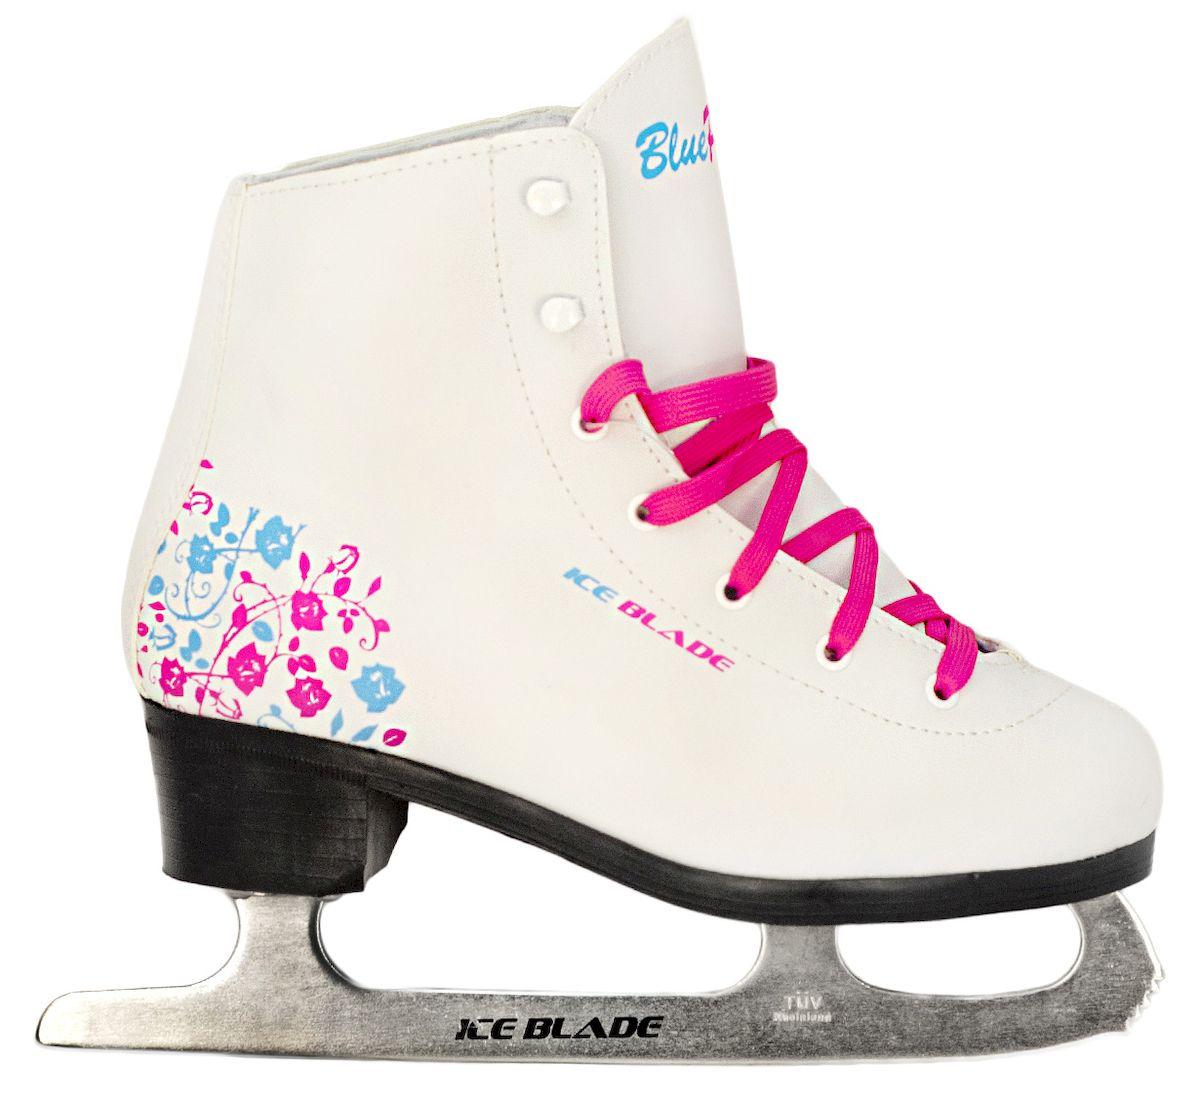 Коньки фигурные Ice Blade BluePink, цвет: белый, розовый, голубой. УТ-00006869. Размер 29